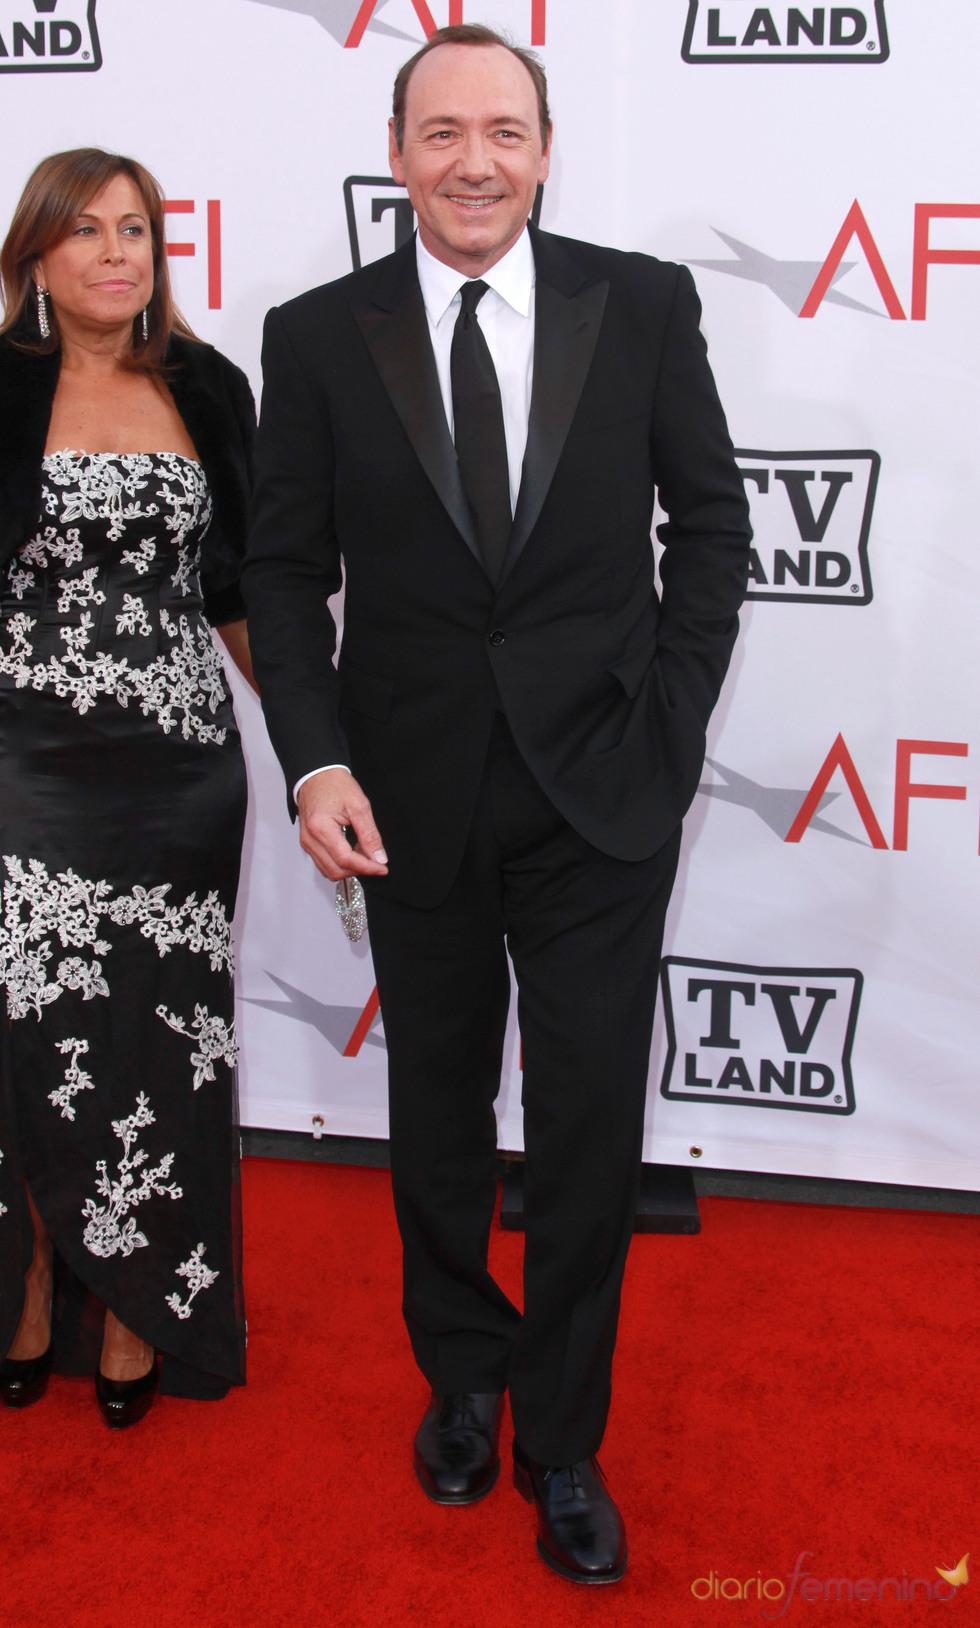 Kevin Spacey en los Premios AFI 210